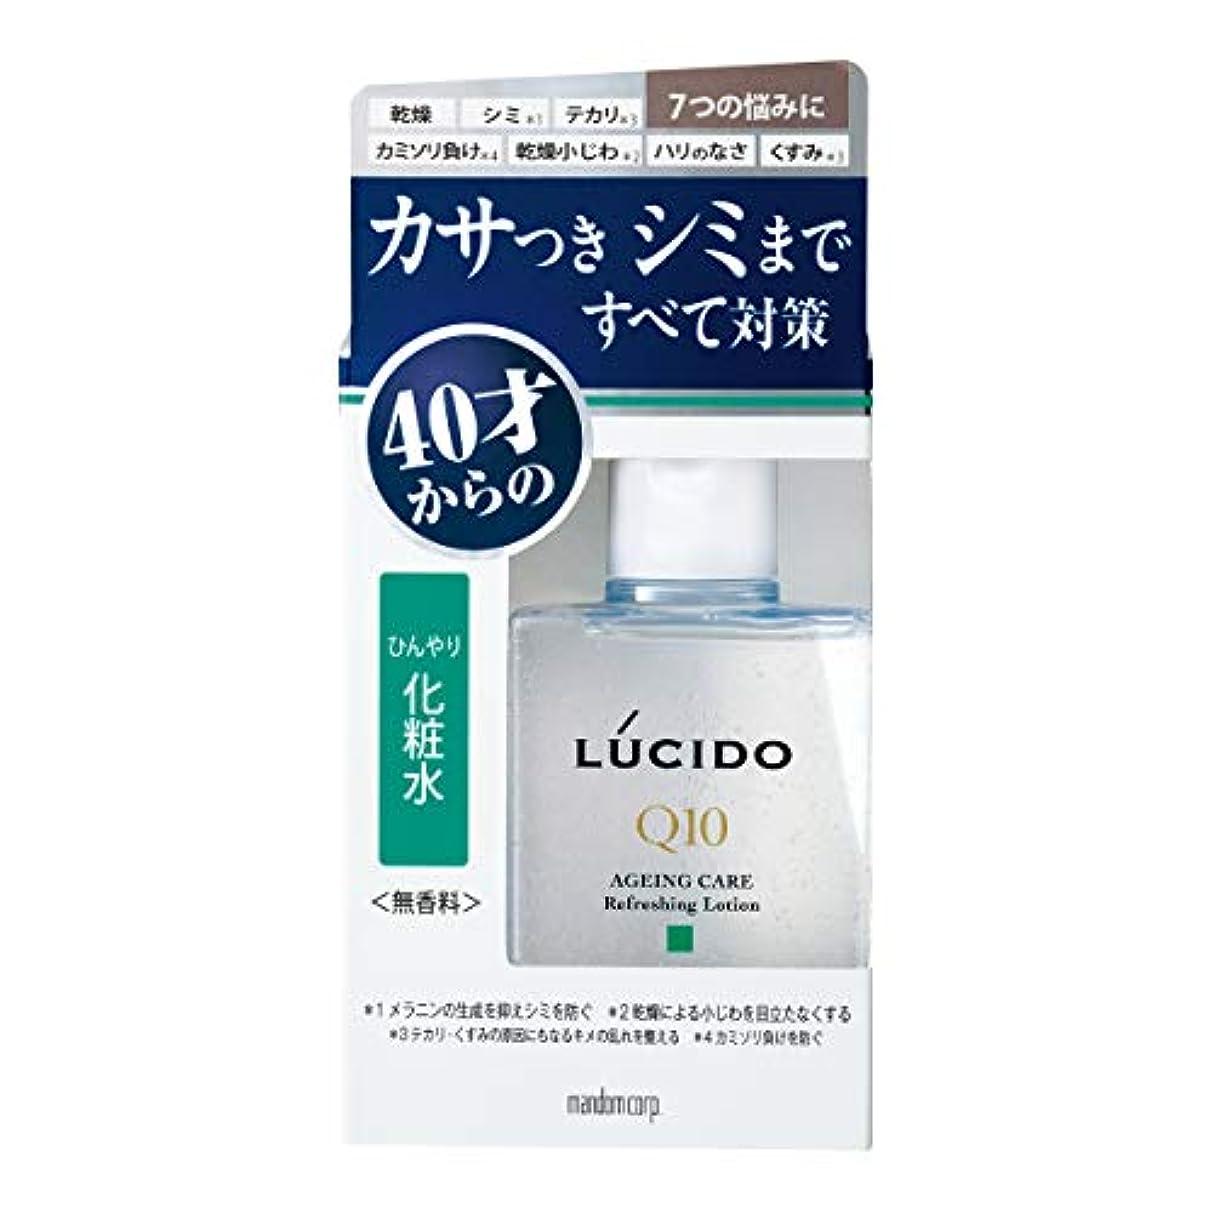 感動する造船同一のルシード(LUCIDO)薬用 トータルケアひんやり化粧水 メンズ スキンケア さっぱり 110ml(医薬部外品)